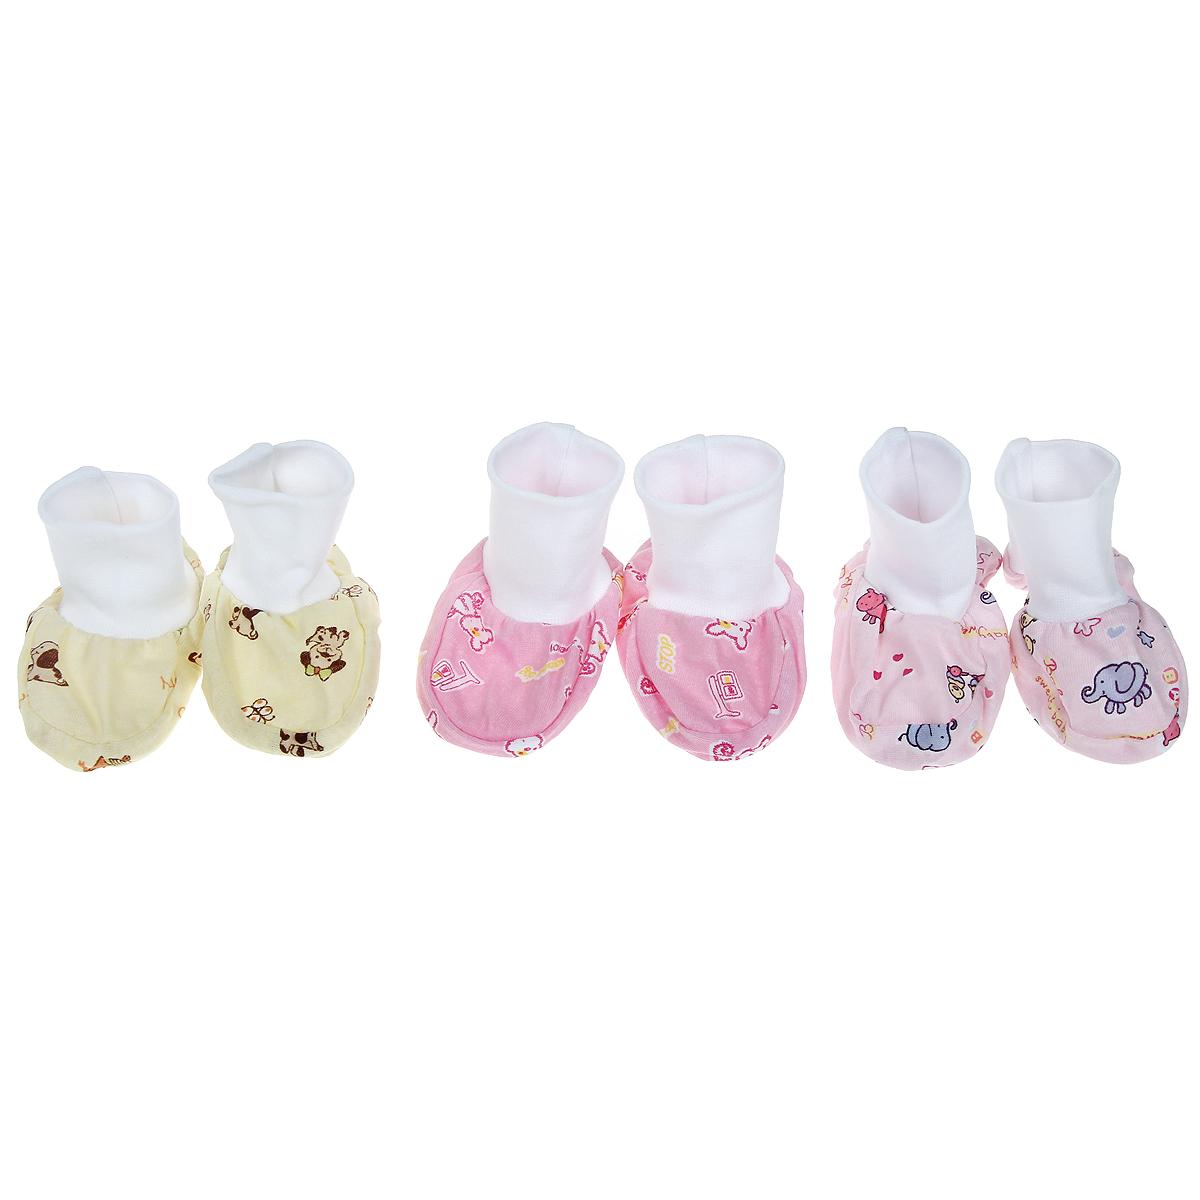 Комплект пинеток Фреш Стайл, 3 цвета, 3 пары. 10-109д. Размер 56, от 0 до 3 месяцев10-109дУдобные детские пинетки из мягкого материала. В комплекте 3 пары.